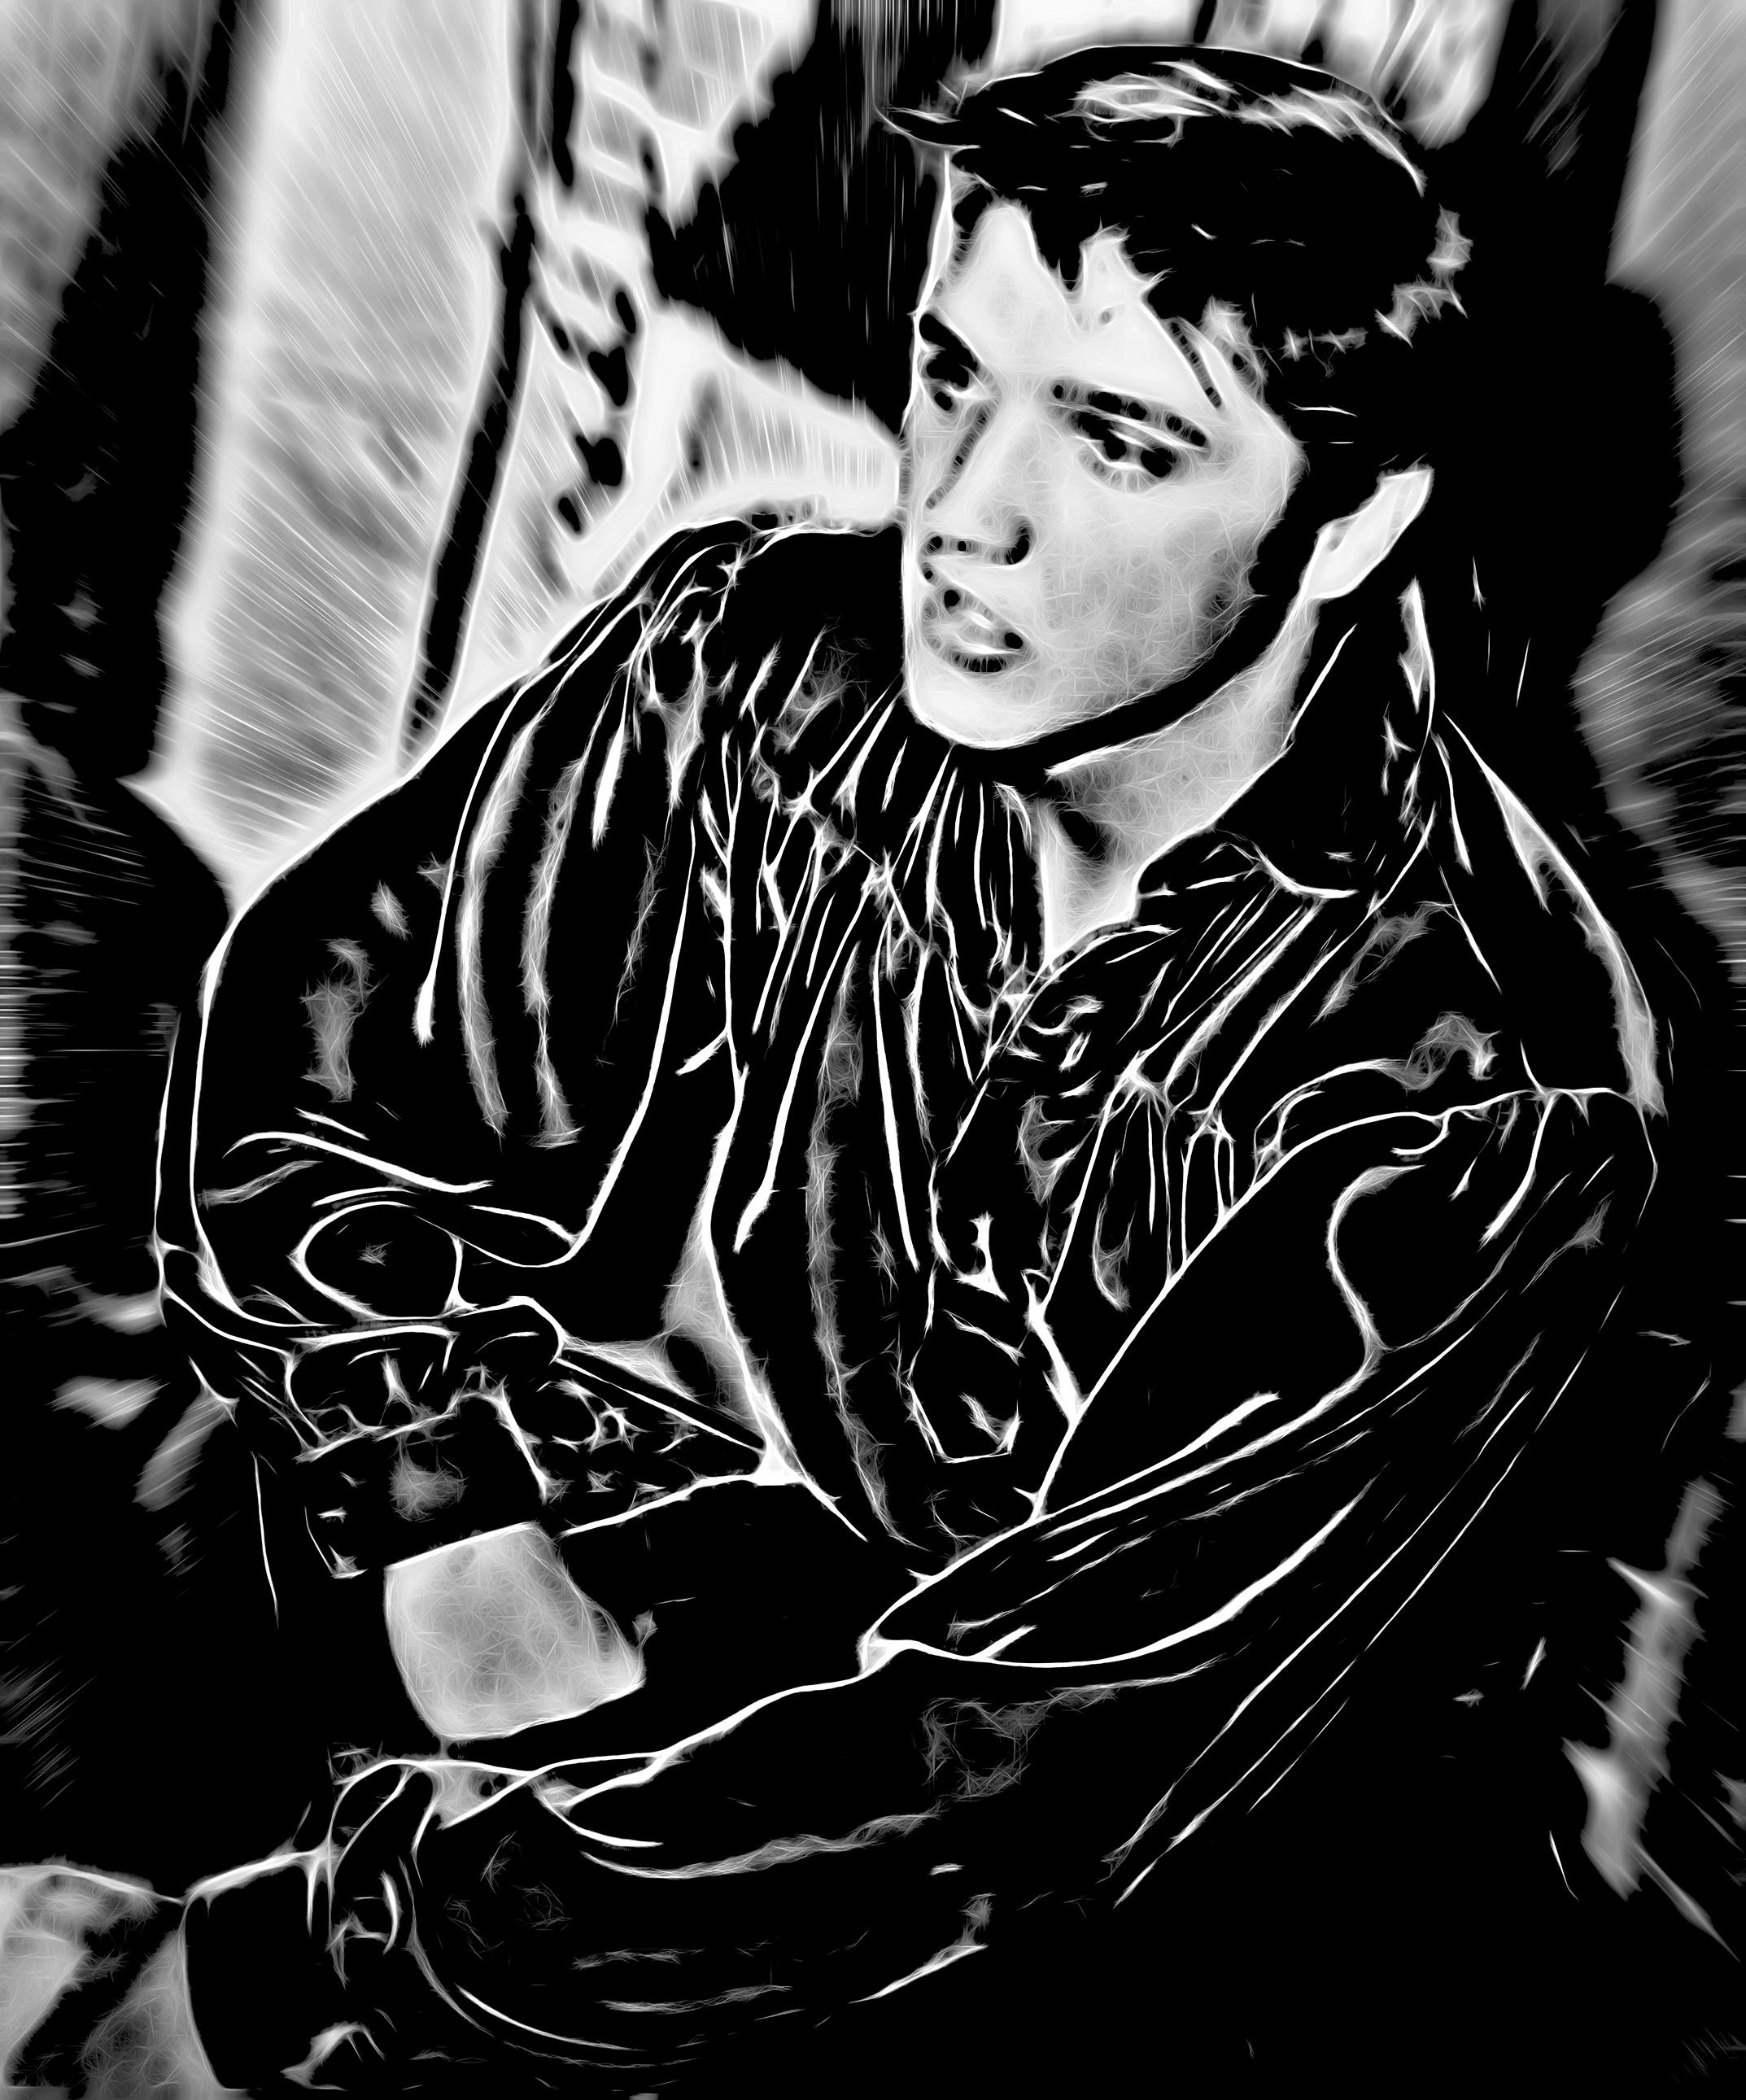 DSC05808 Elvis Black Shirt Glow.jpg